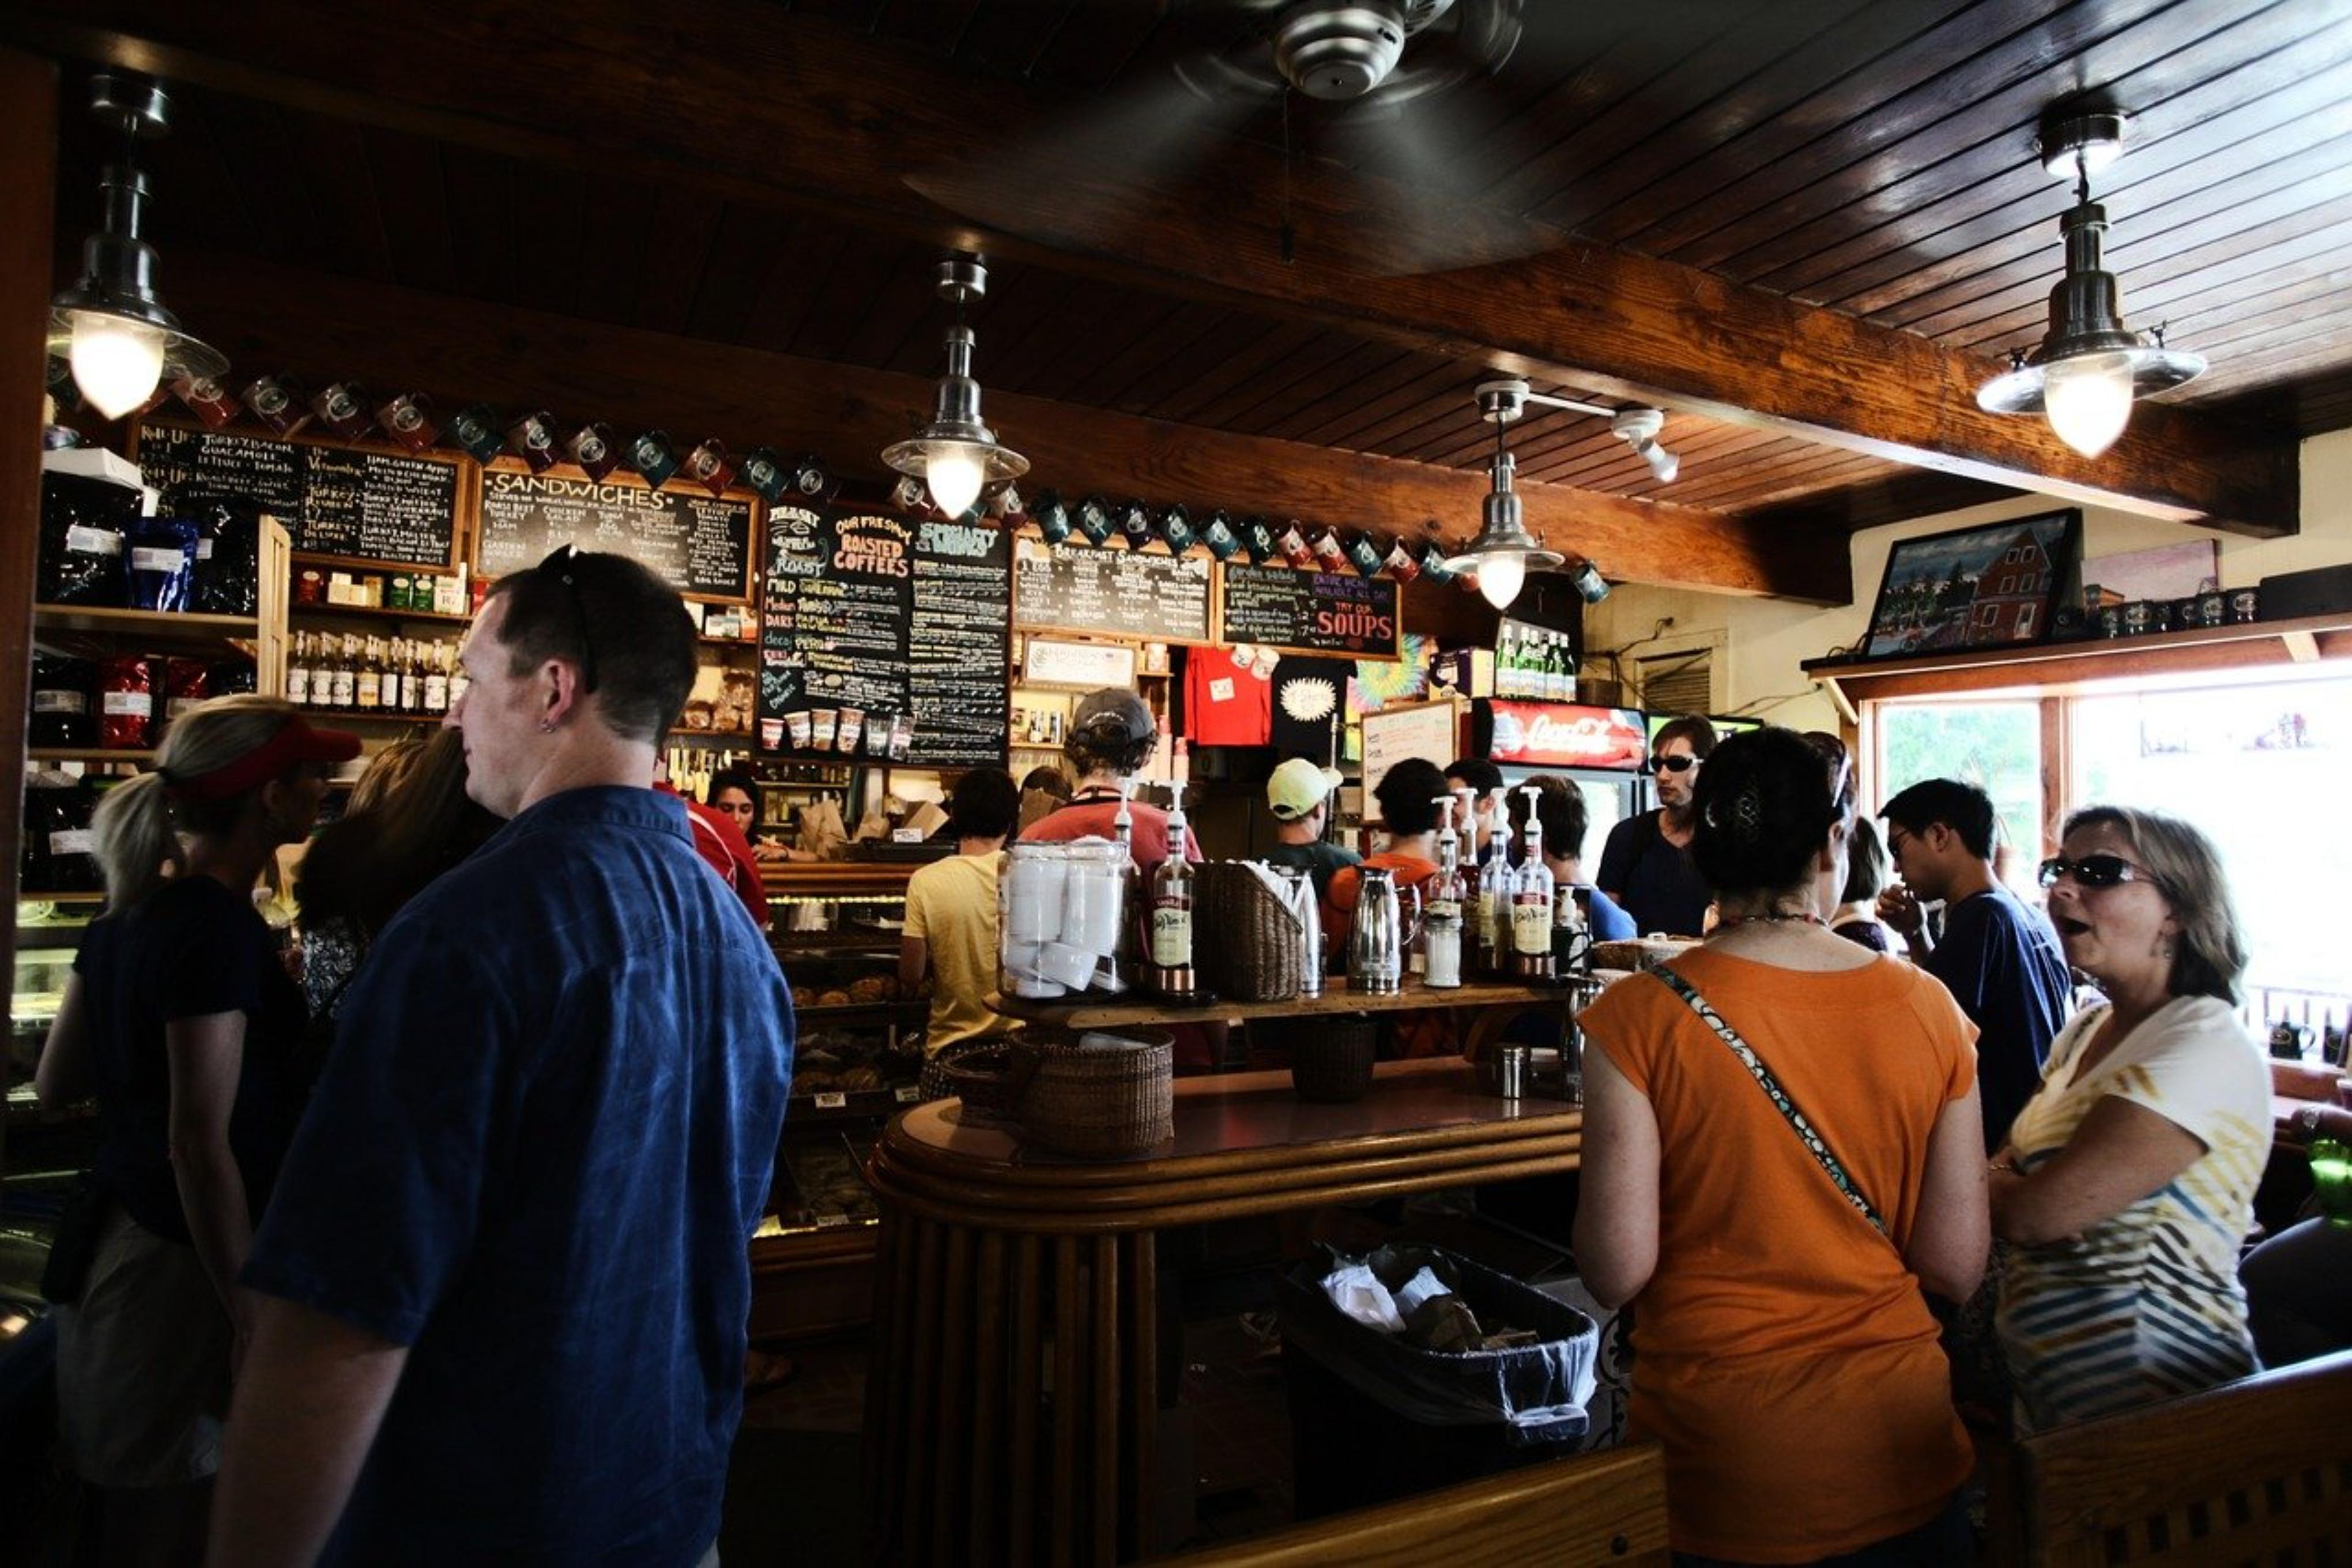 Gestión de branding en Marketing Gastronómico para restaurantes, bares y cafés.